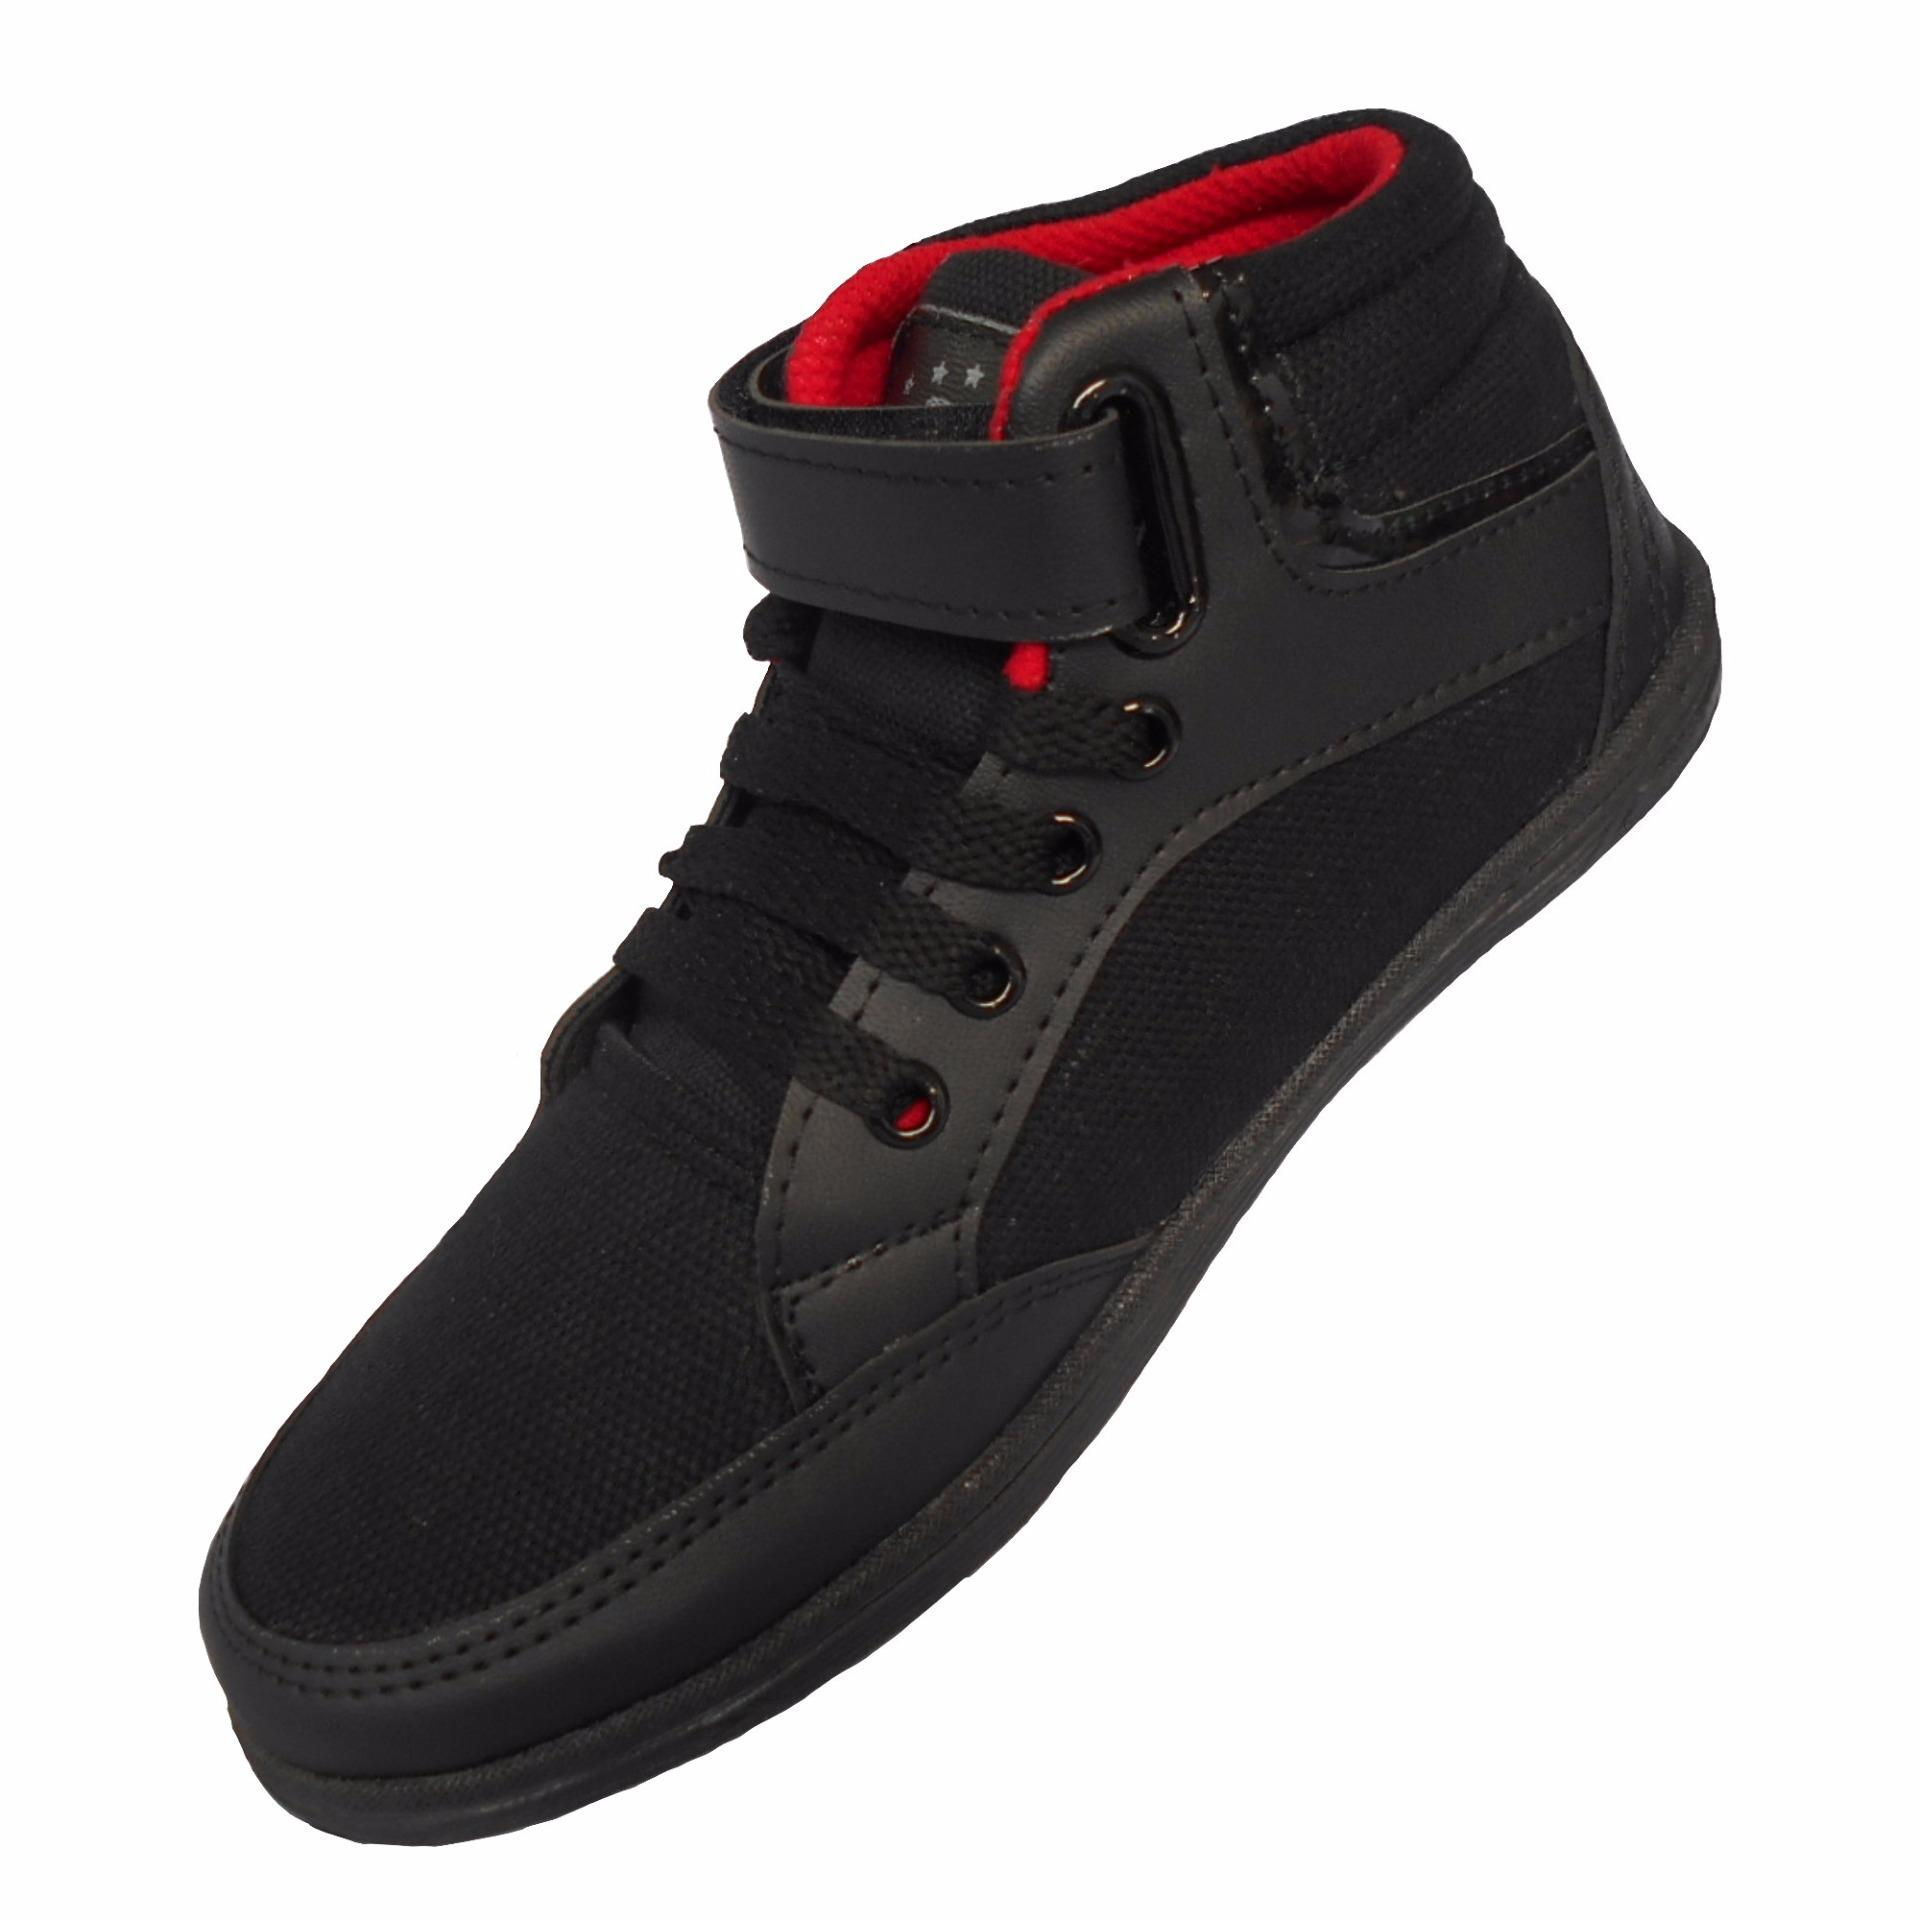 Sepatu Anak Laki Terbaru Varka Casual Pria 004 Sekolah Tk Sd Usia 6 10 Th Hitam